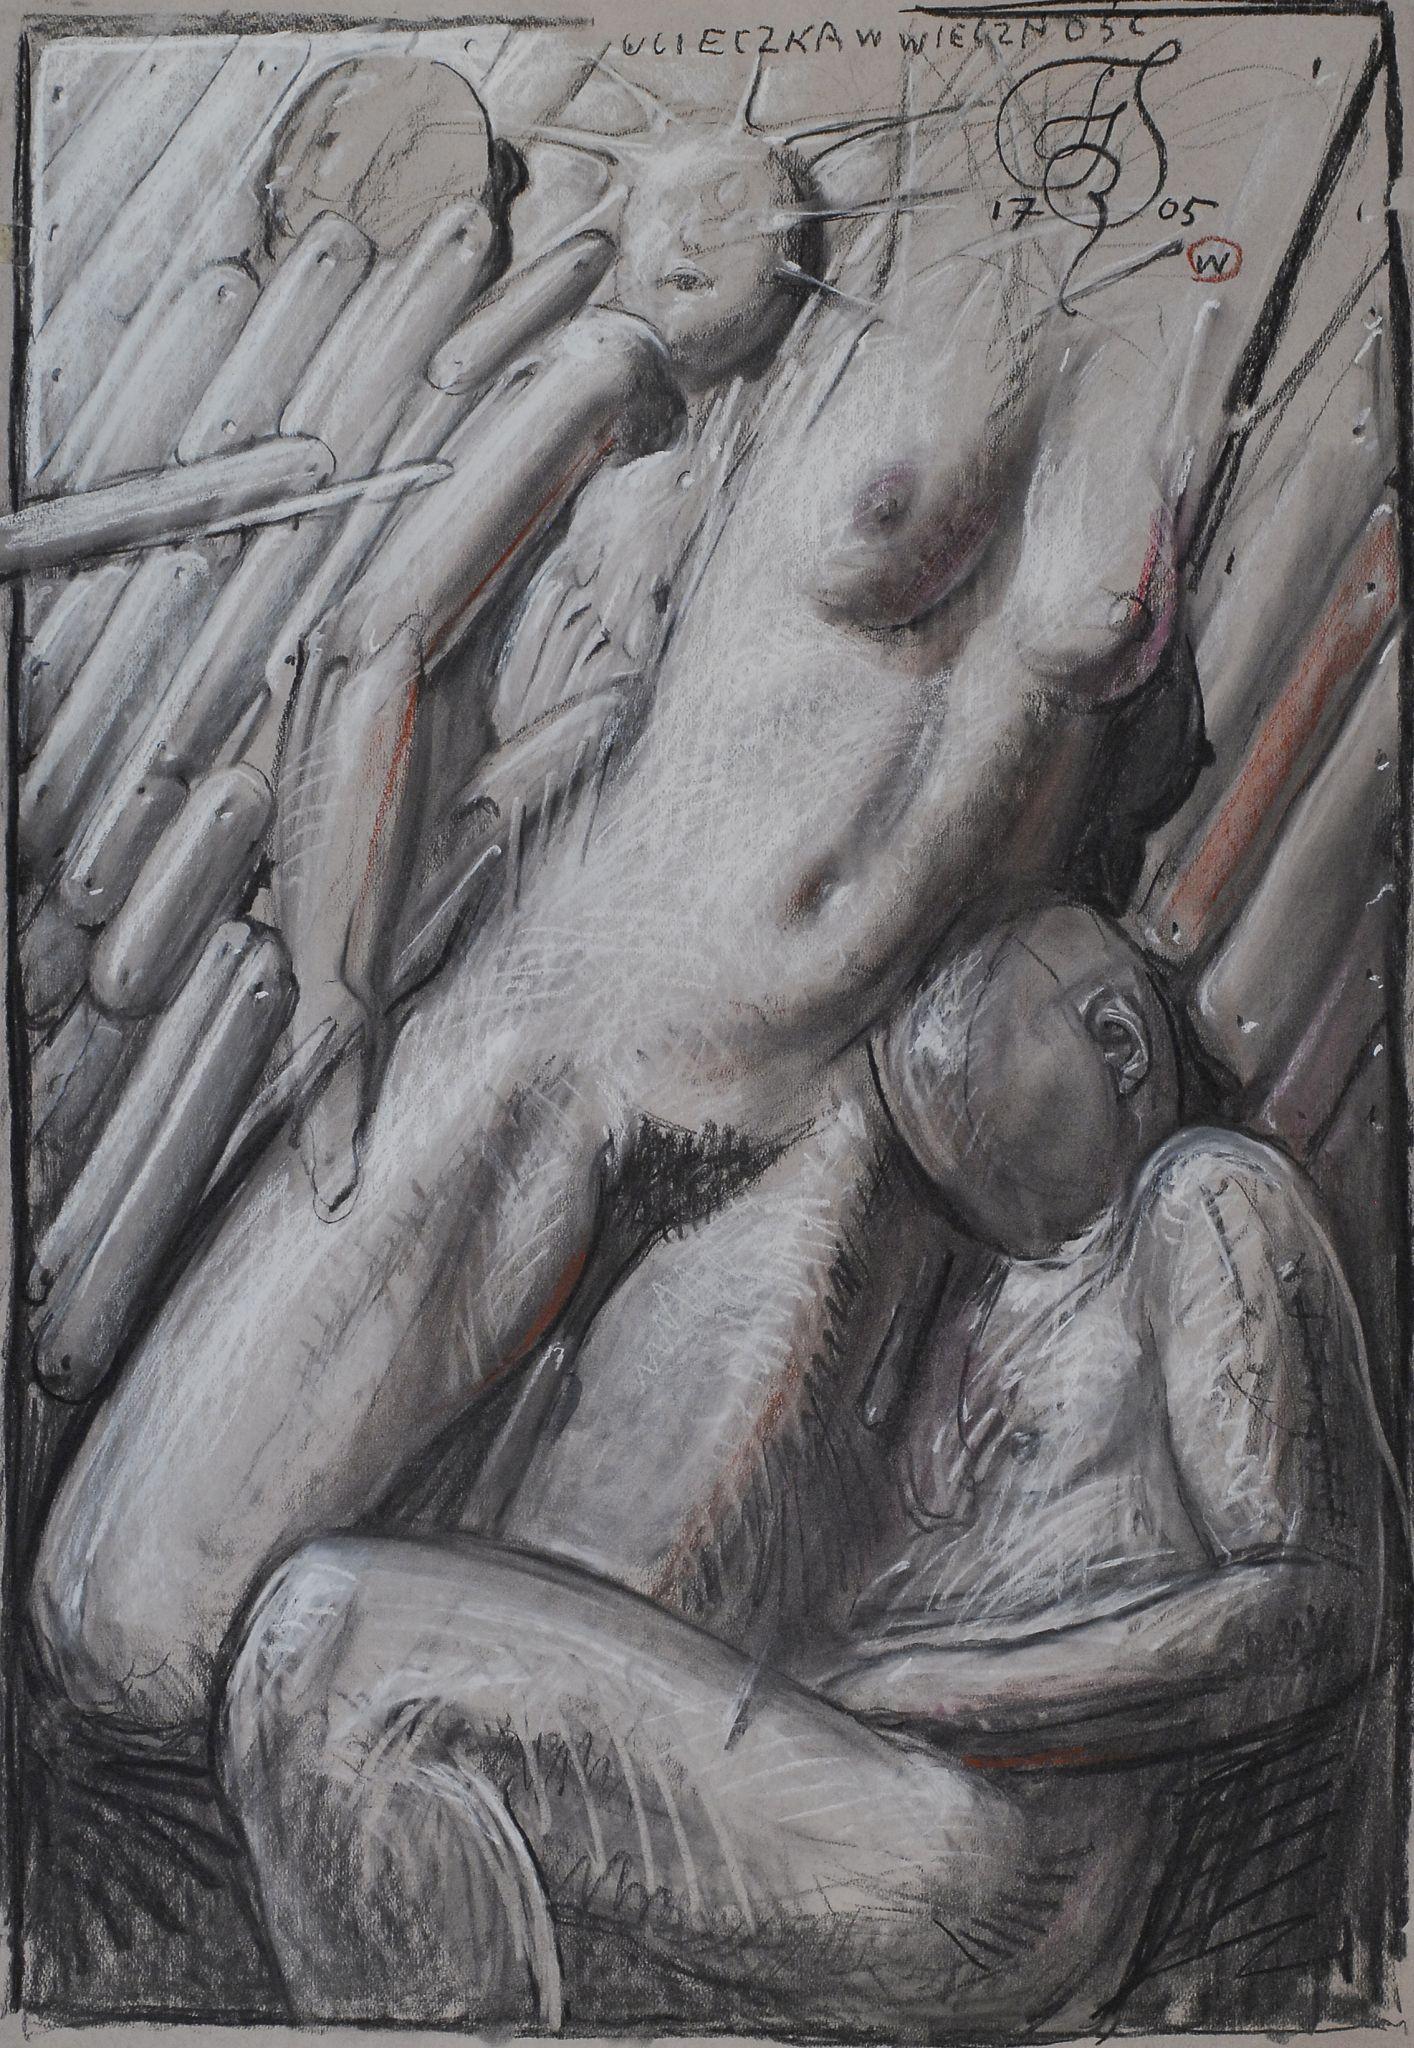 Franciszek Starowieyski - Ucieczka w wieczność, 2005